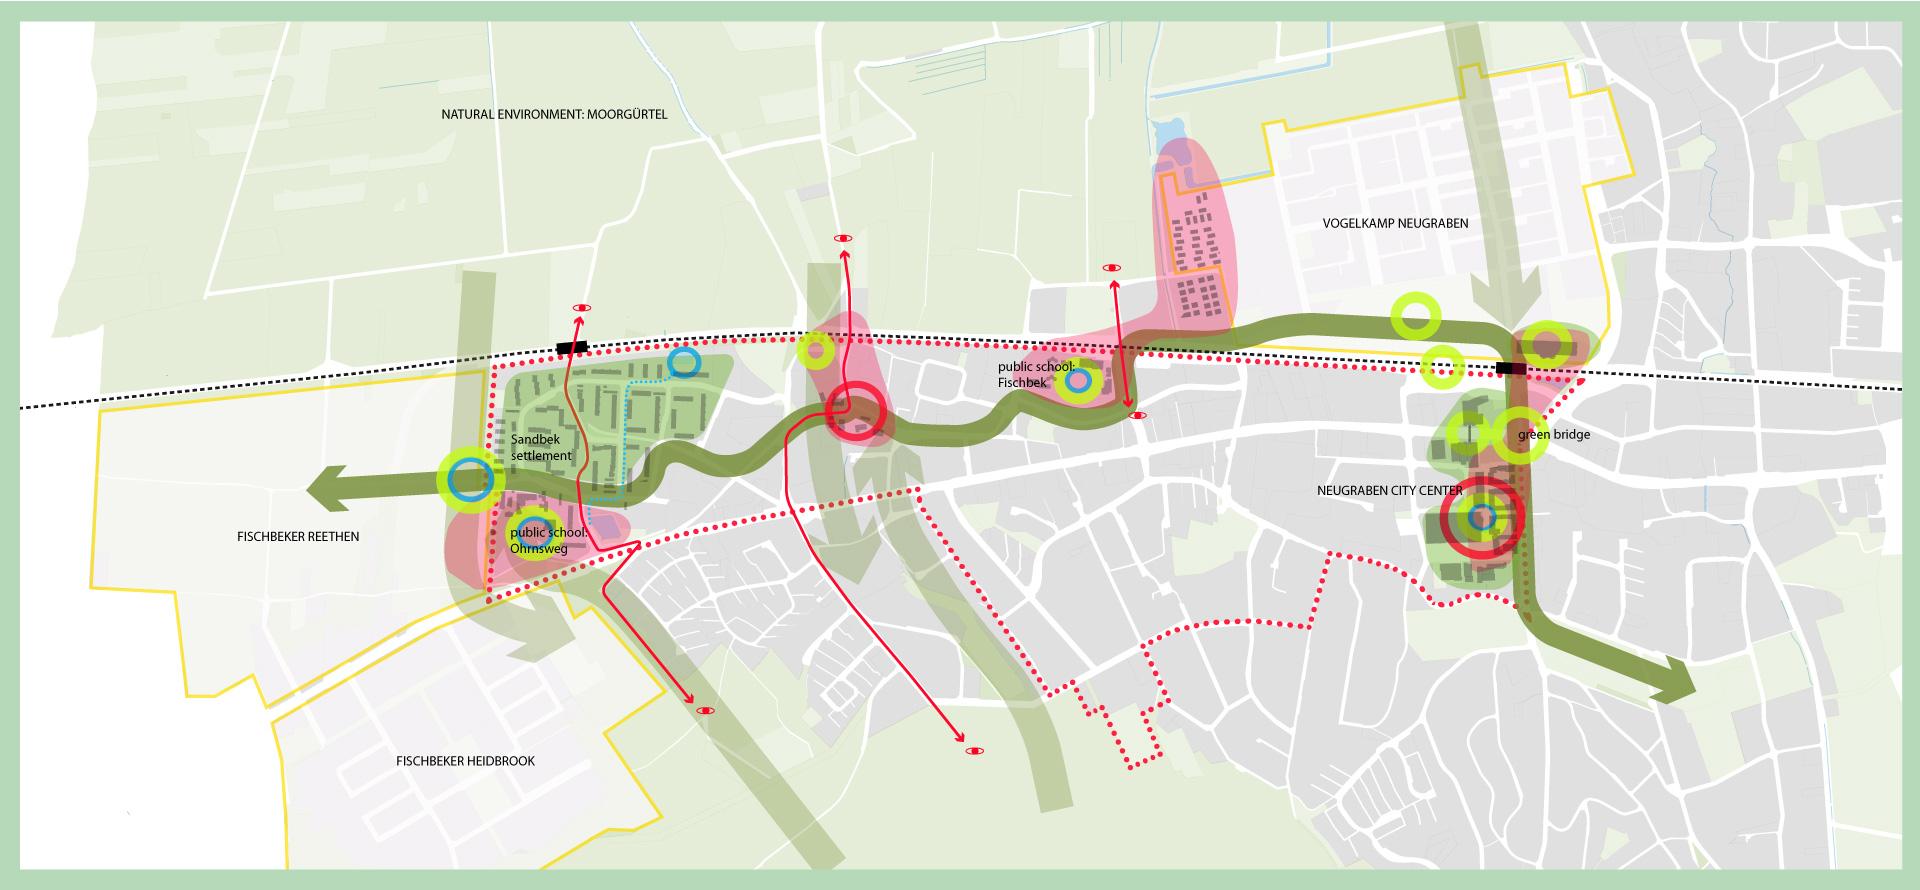 CLEVER Cities Projektgebiet in Neugraben-Fischbek